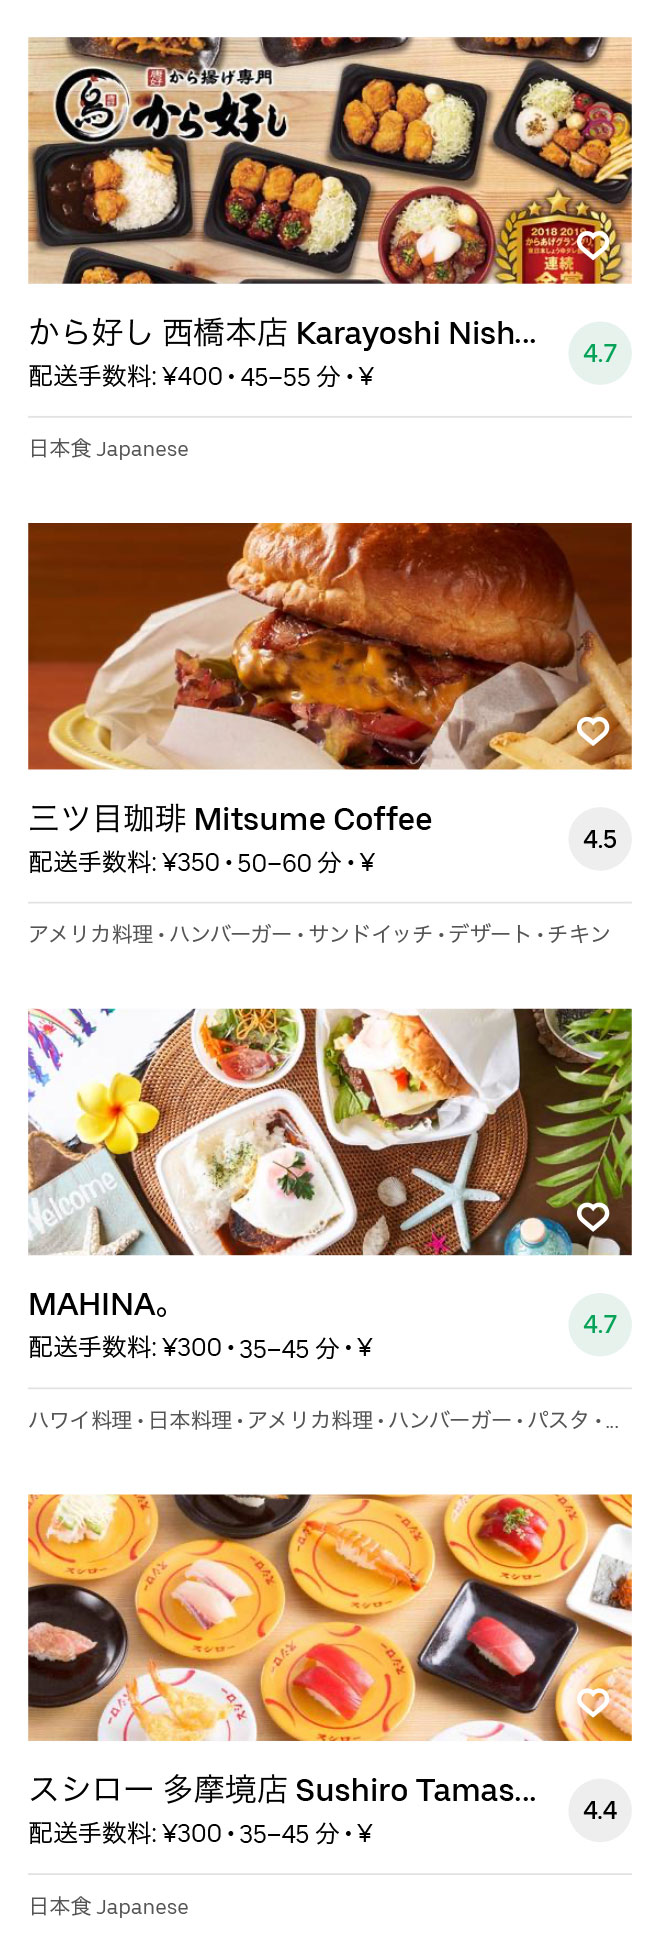 Sagamihara menu 2008 09